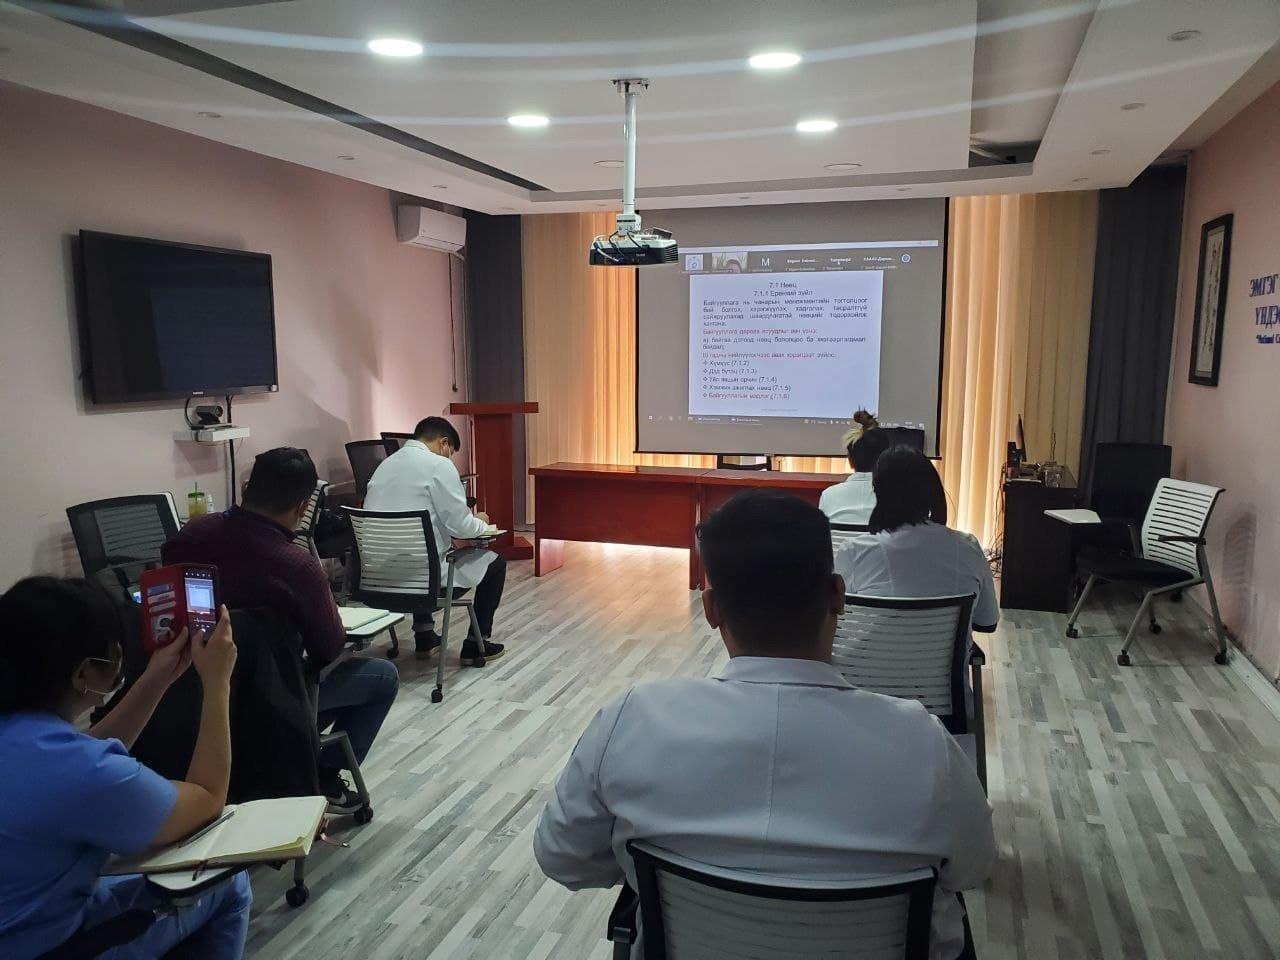 """""""MNS ISO 9001:2016 Чанарын удирдлагын тогтолцоо"""" сургалтанд хамрагдлаа"""